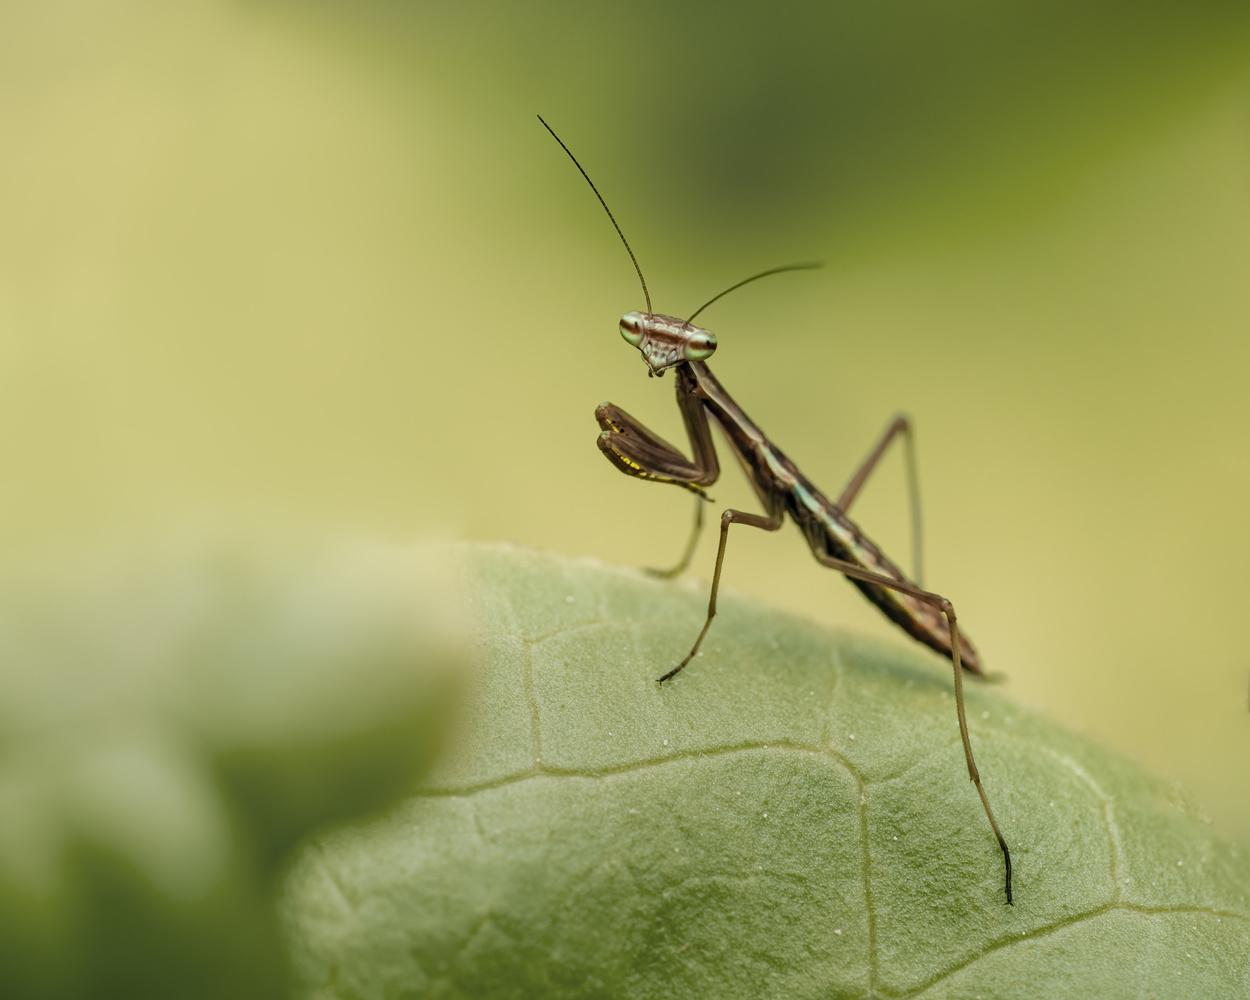 3 days old praying mantis by Skyler Ewing